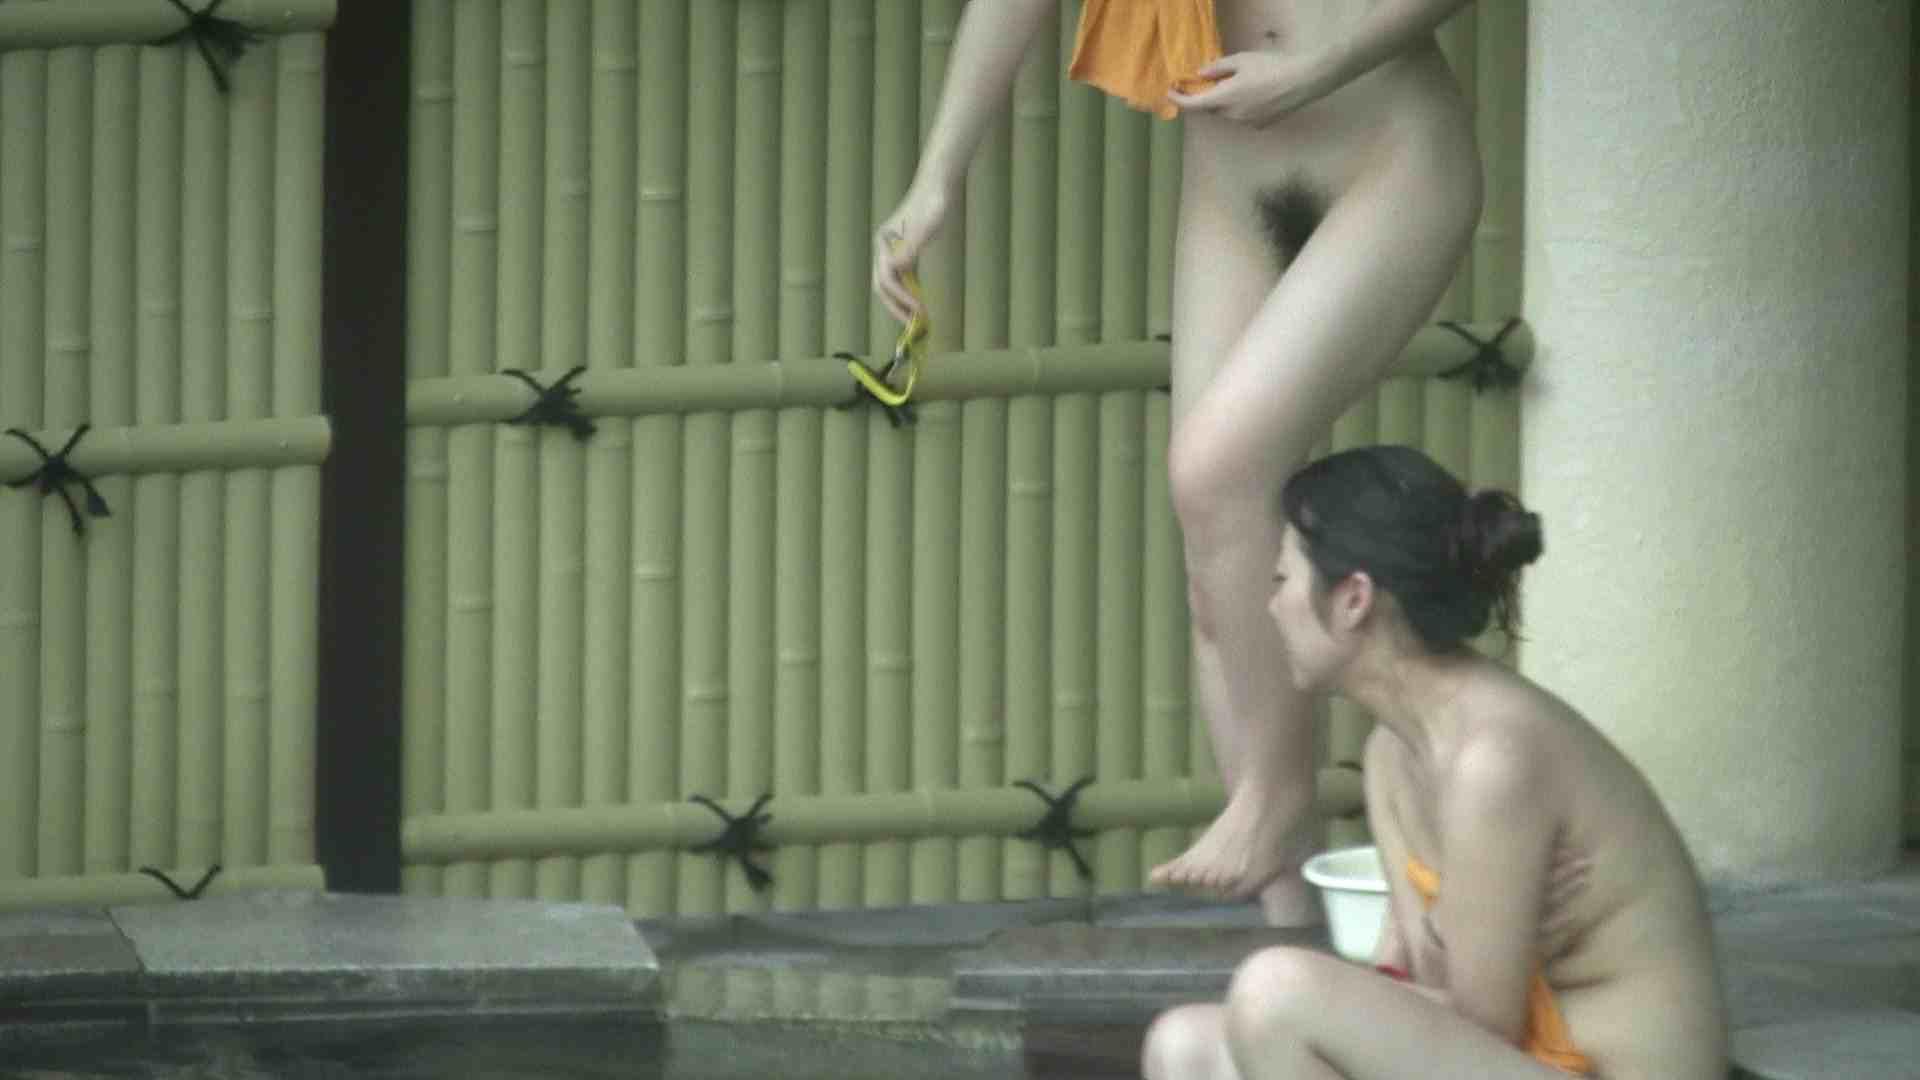 Aquaな露天風呂Vol.194 OLのエロ生活 | 盗撮  112連発 49